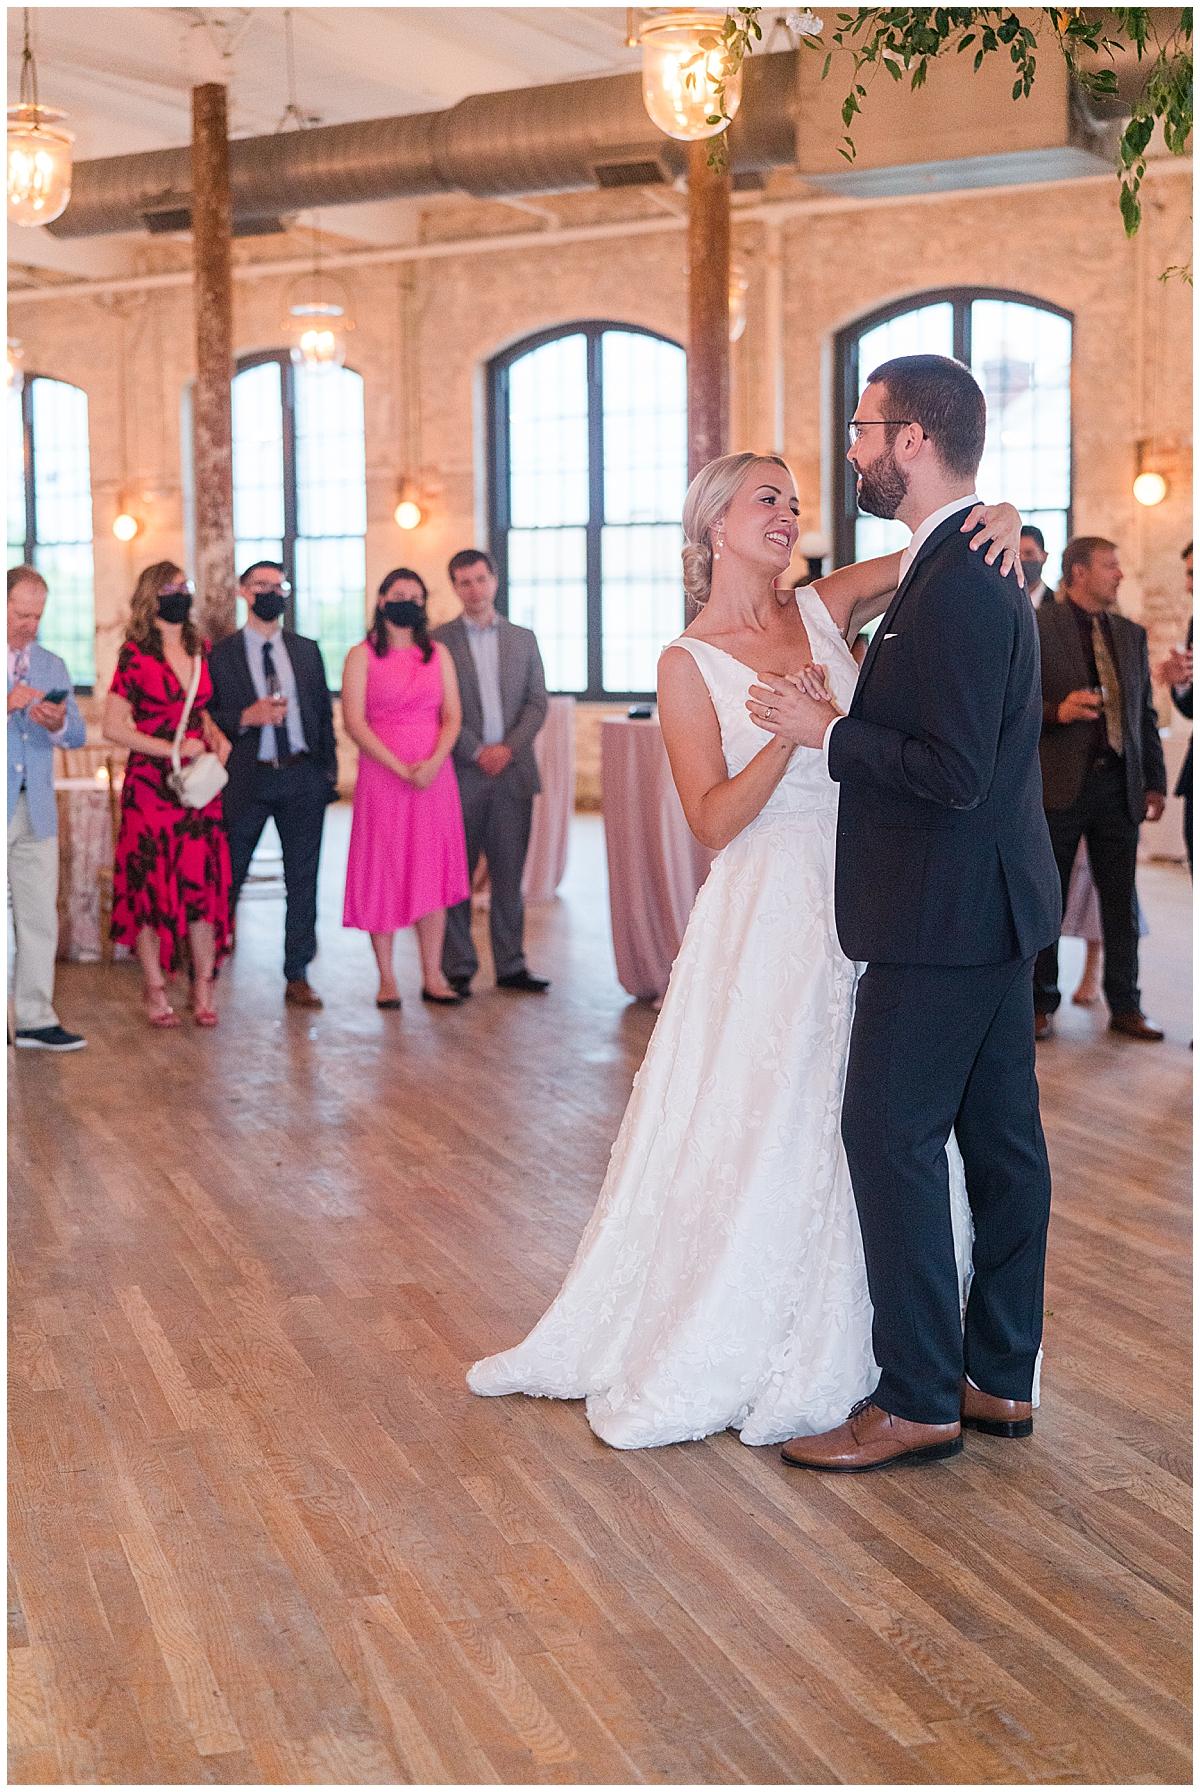 bride dances with groom at Cedar Room wedding reception